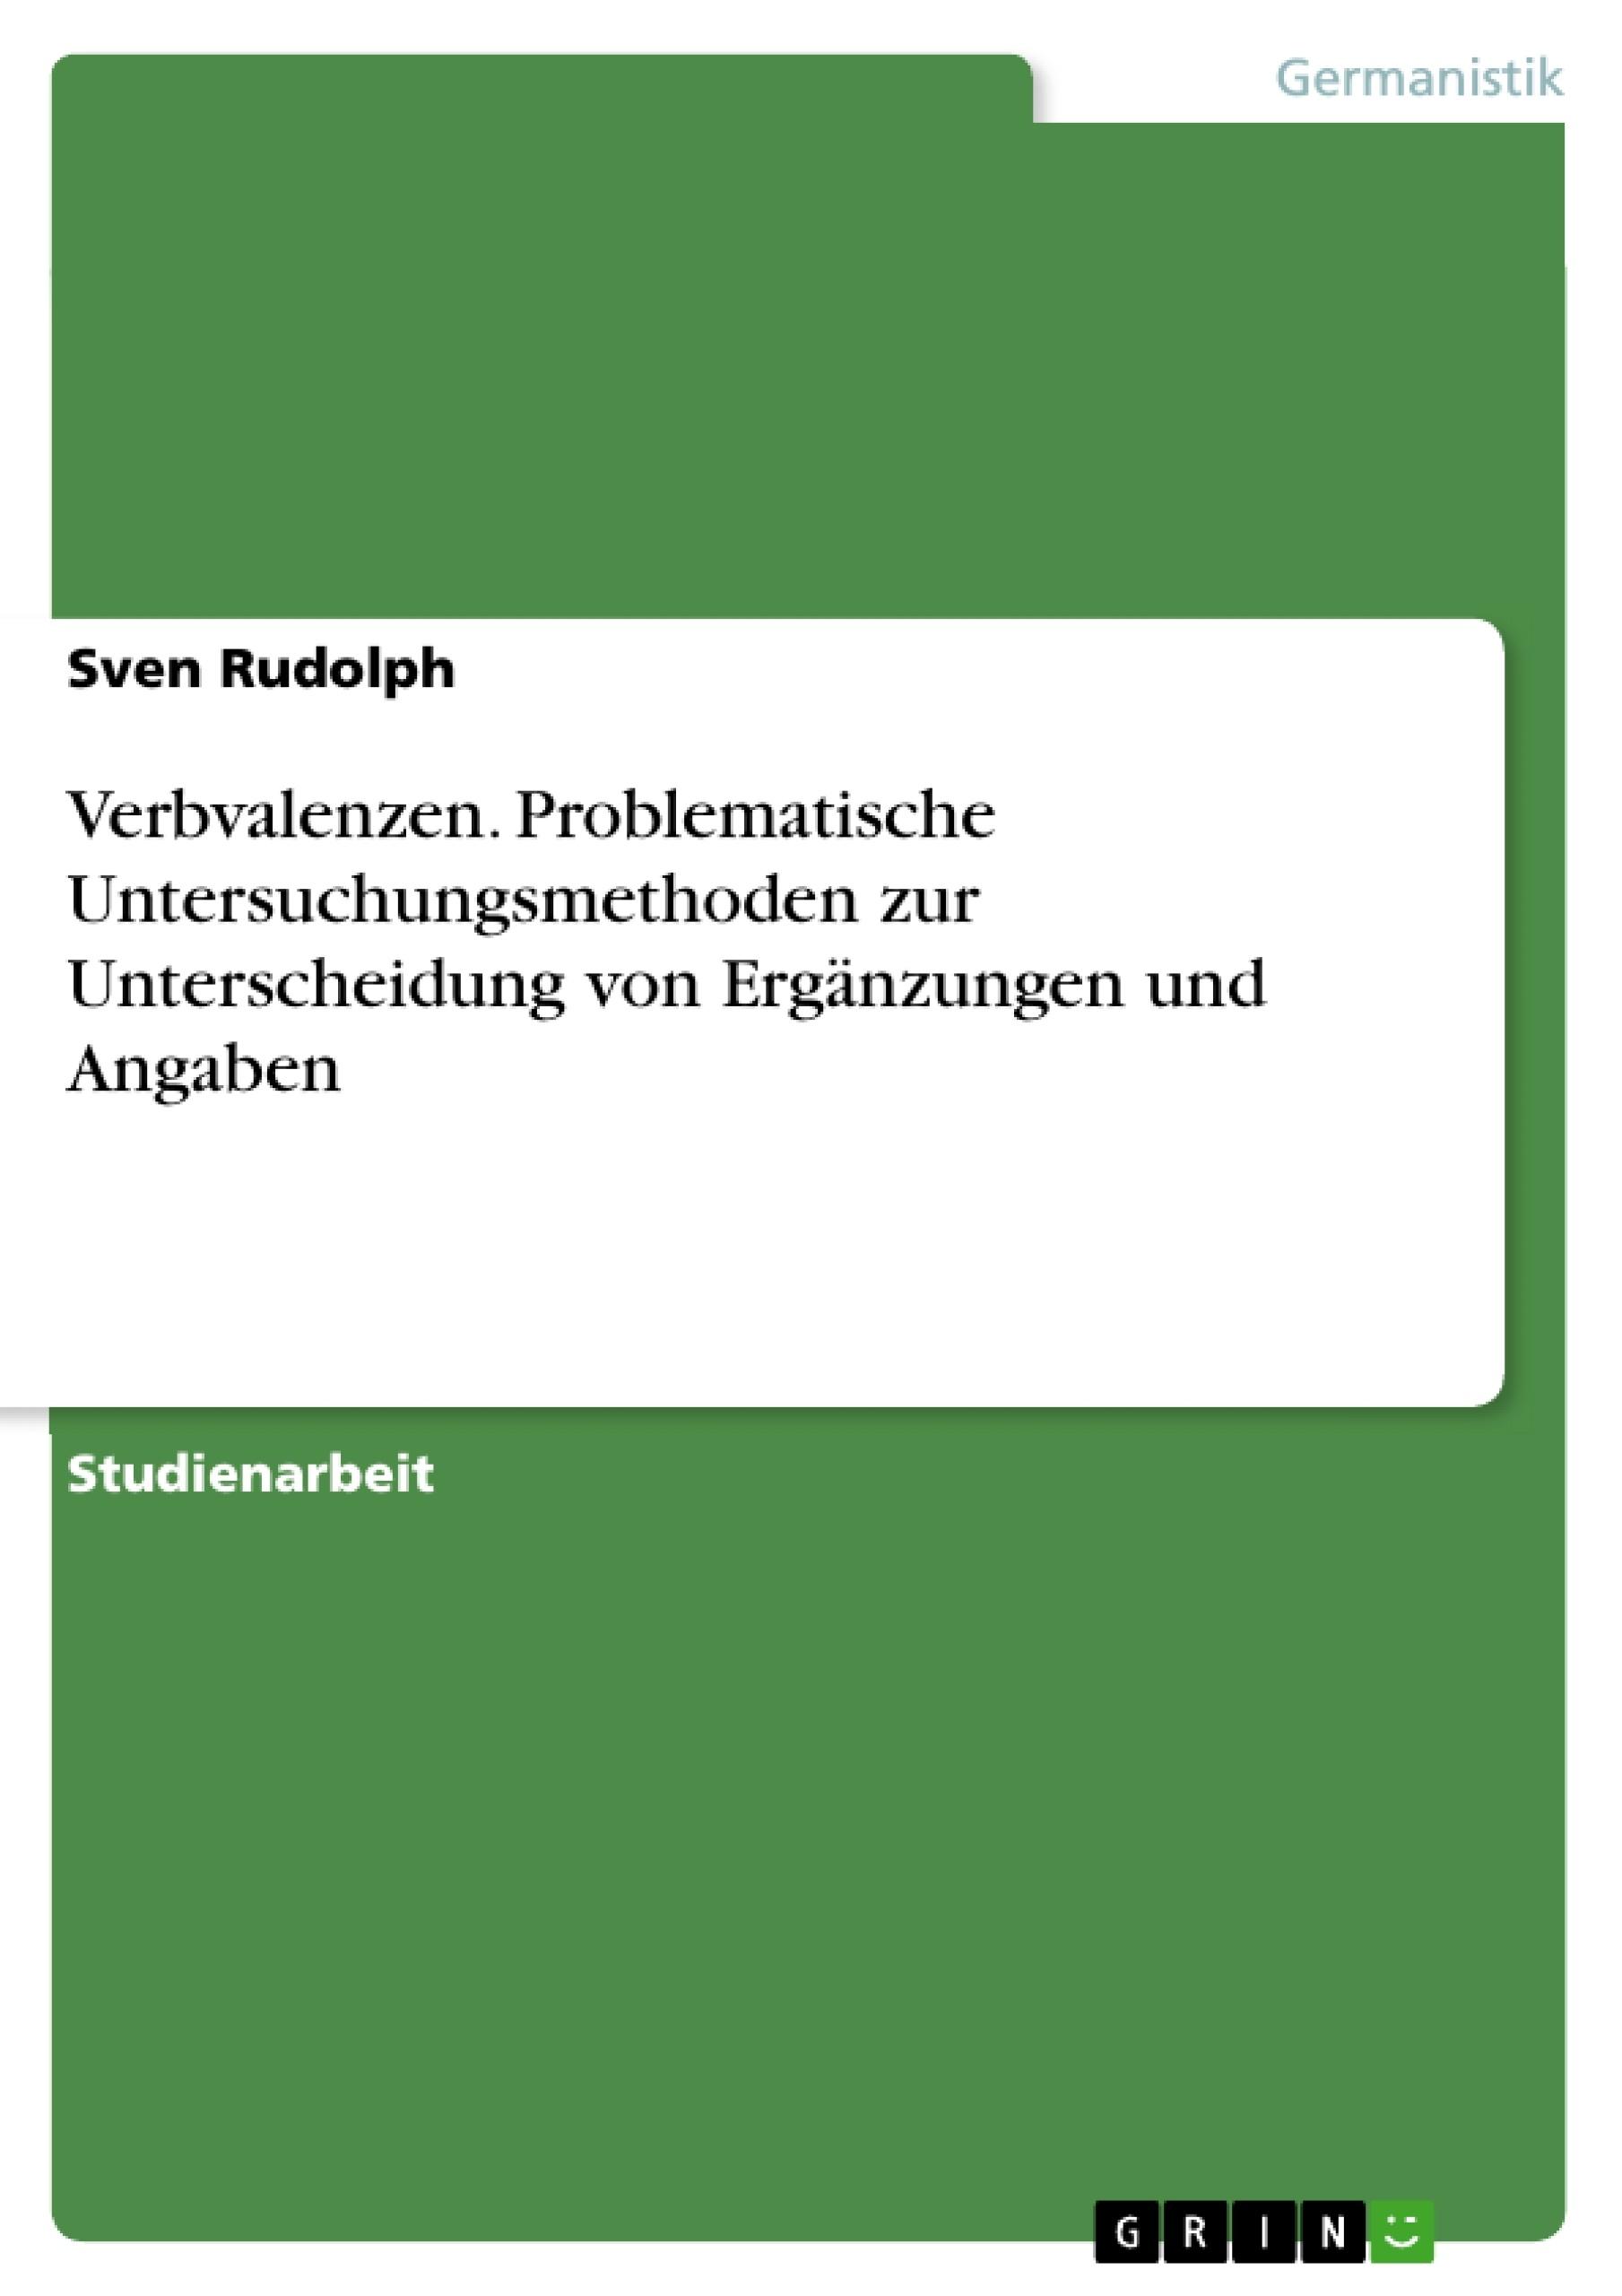 Titel: Verbvalenzen. Problematische Untersuchungsmethoden zur Unterscheidung von Ergänzungen und Angaben